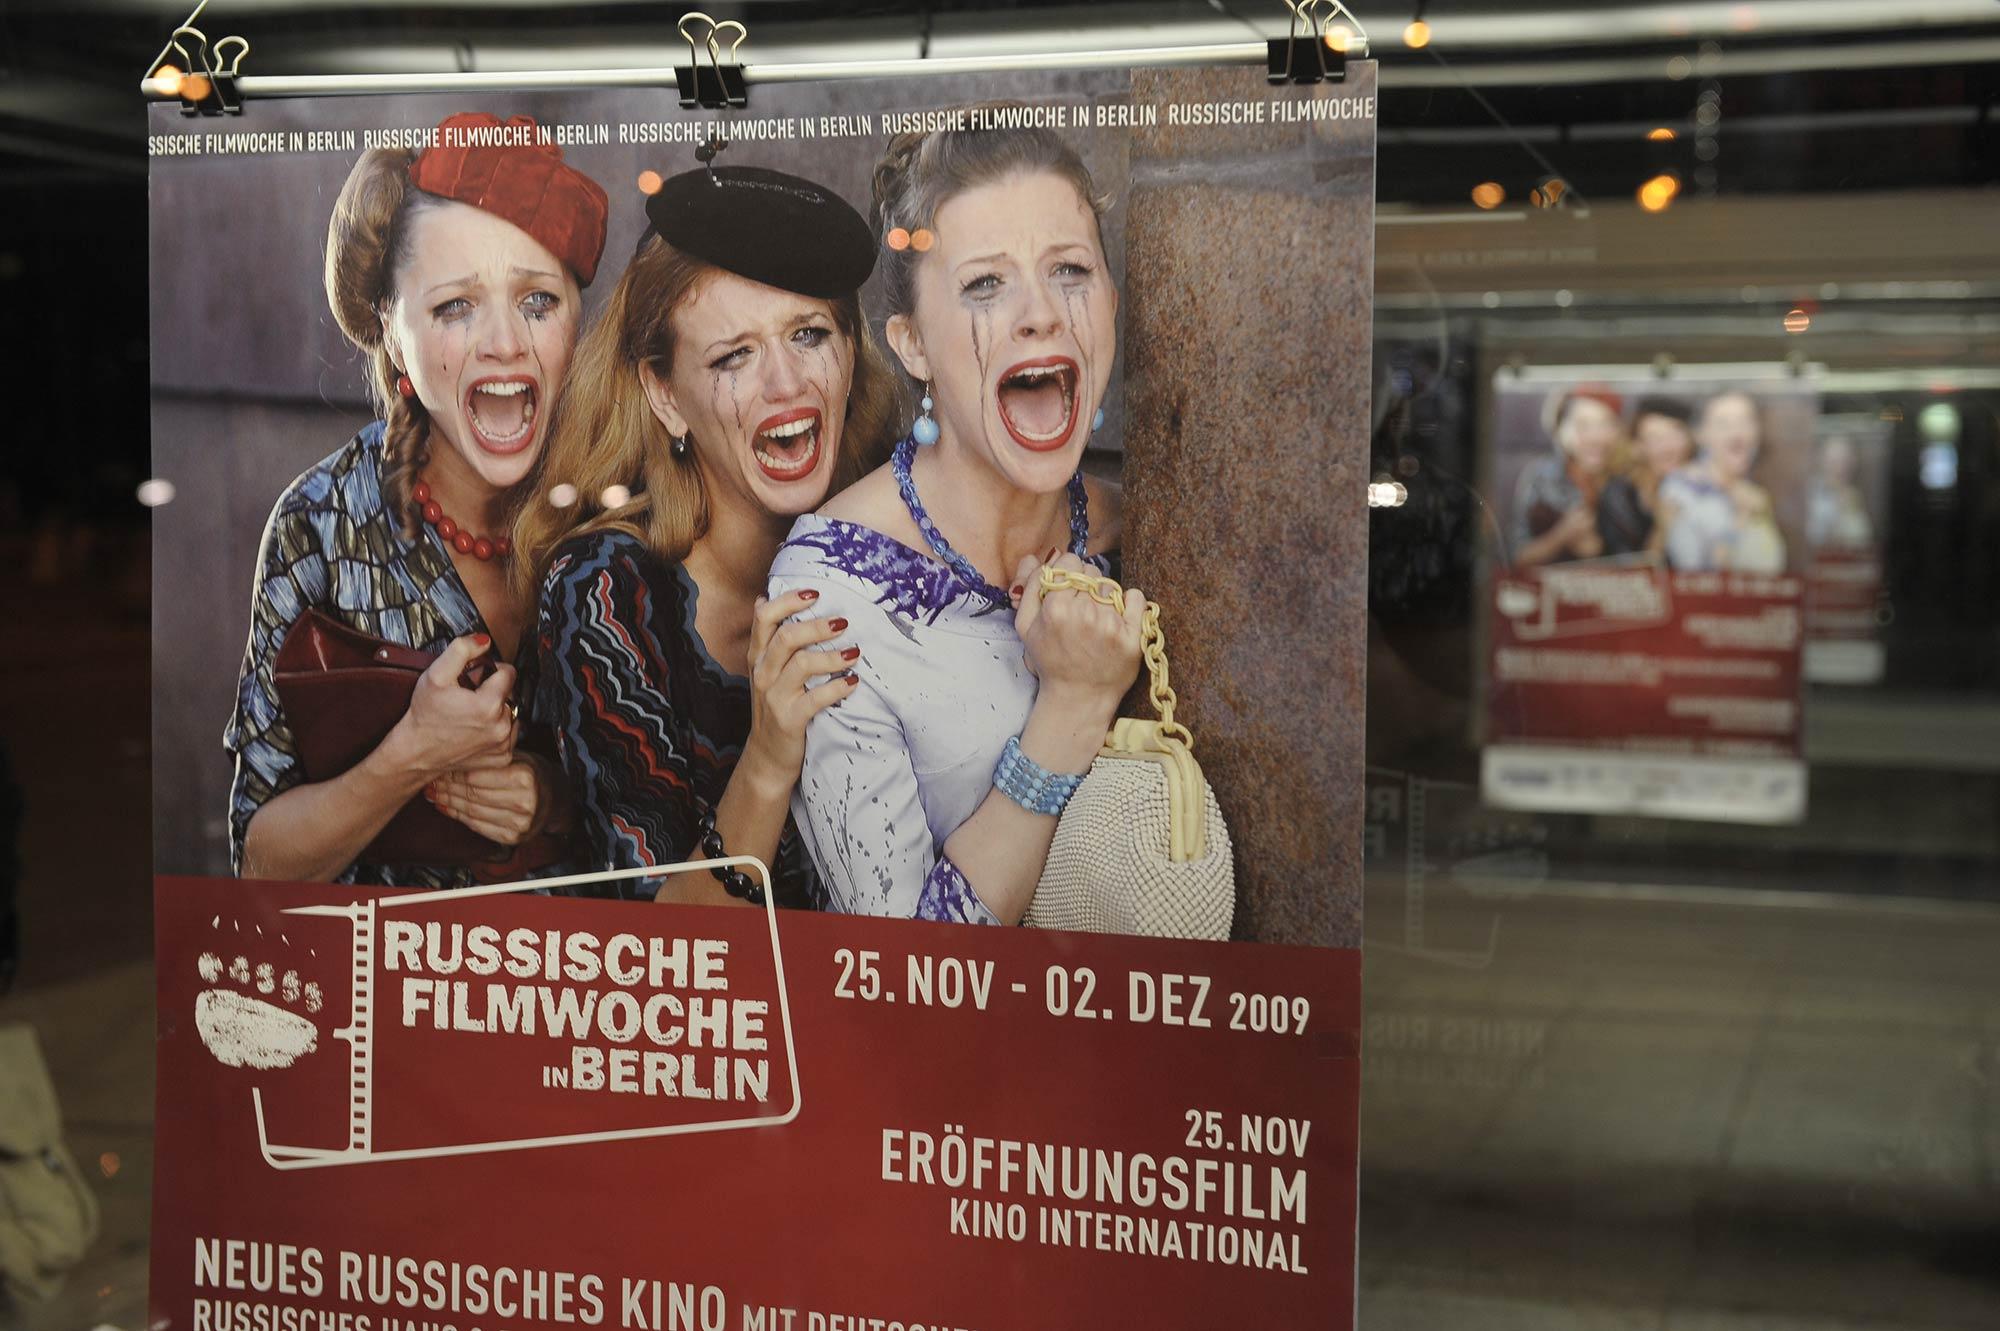 Russische_Filmwoche_2009